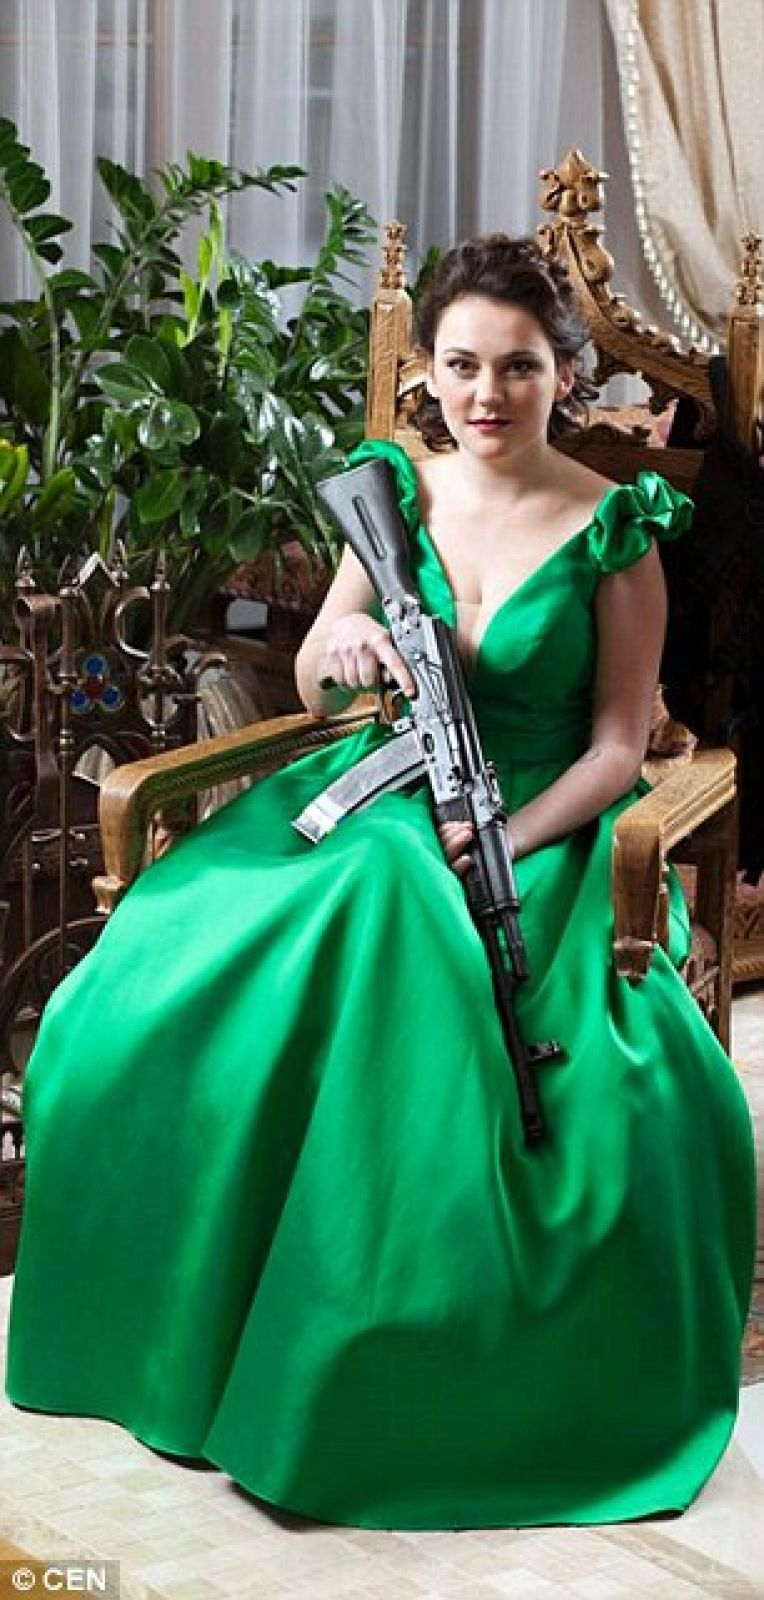 Это Виктория, у которой в руках АК-74. С виду, эта женщина из ВСУ на фото больше похожа на домохозяйку, но в ее повседневные обязанности входят абсолютно немыслимые виды занятий, с мужской точки зрения